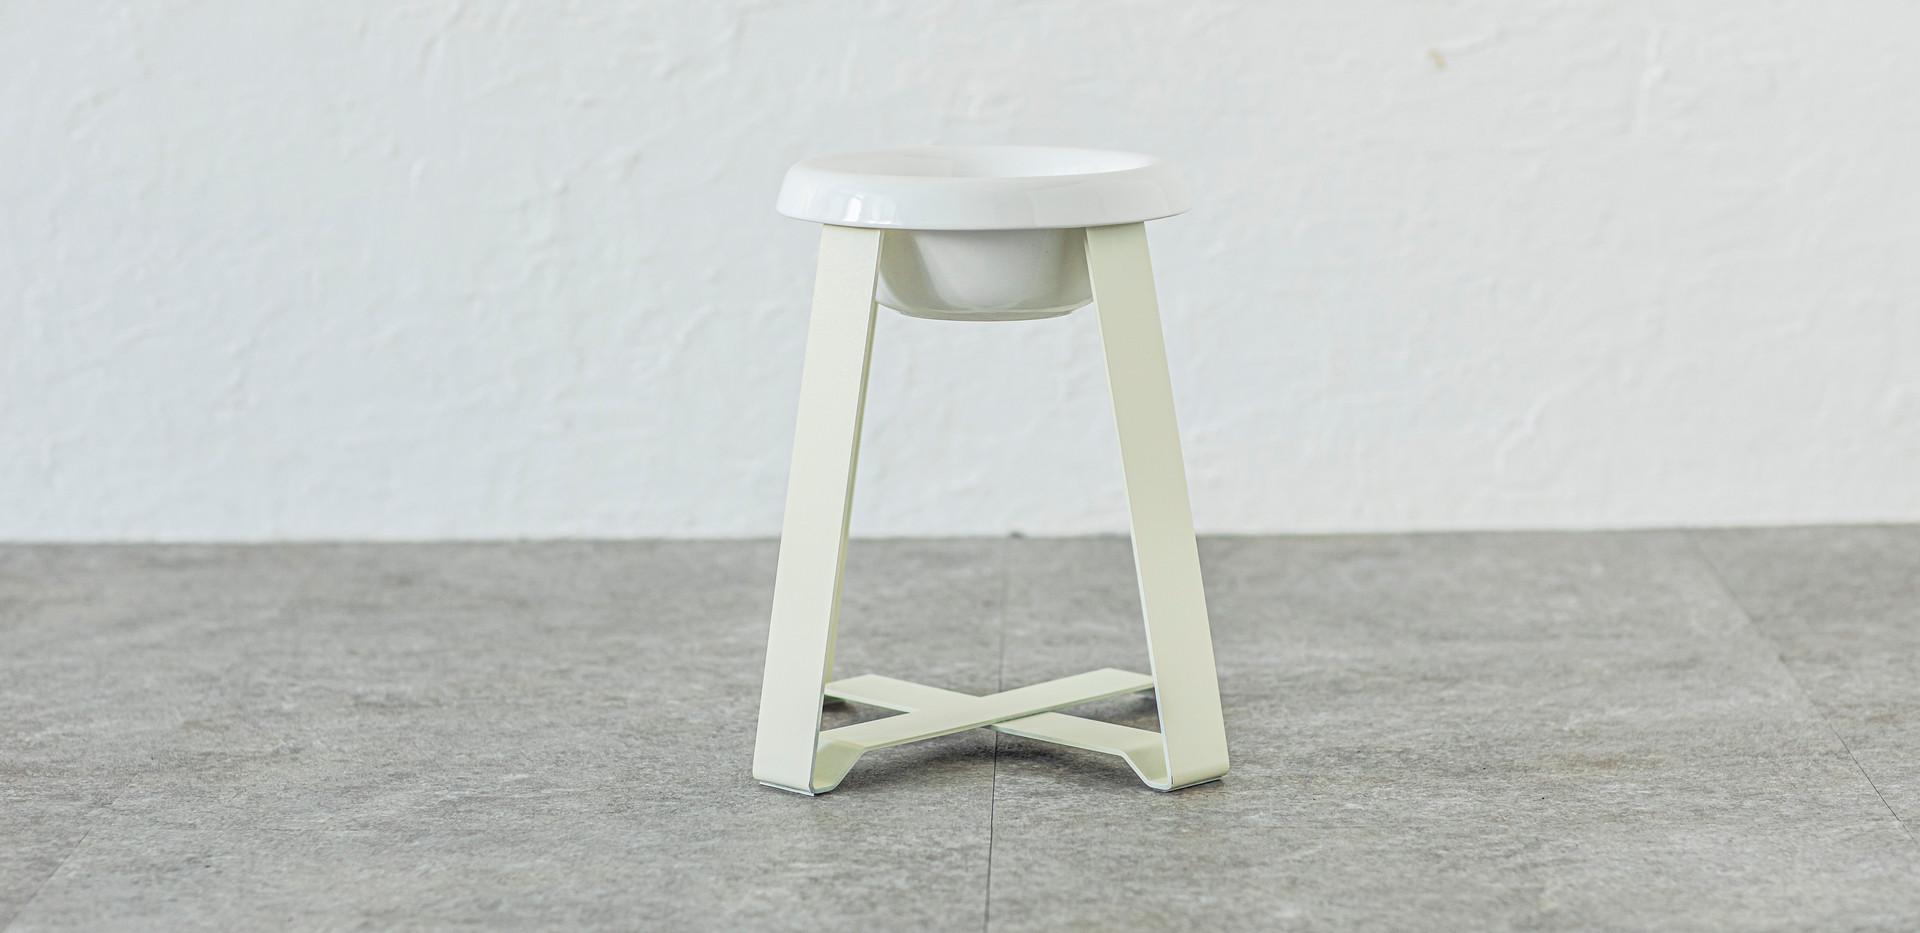 サイズ(LL tall):W 270 x D 270 x H 350 (mm)  素材:ボウル(陶器)、スタンド(ステンレス) 塗装:パウダーコーティング 重量:約3.2kg